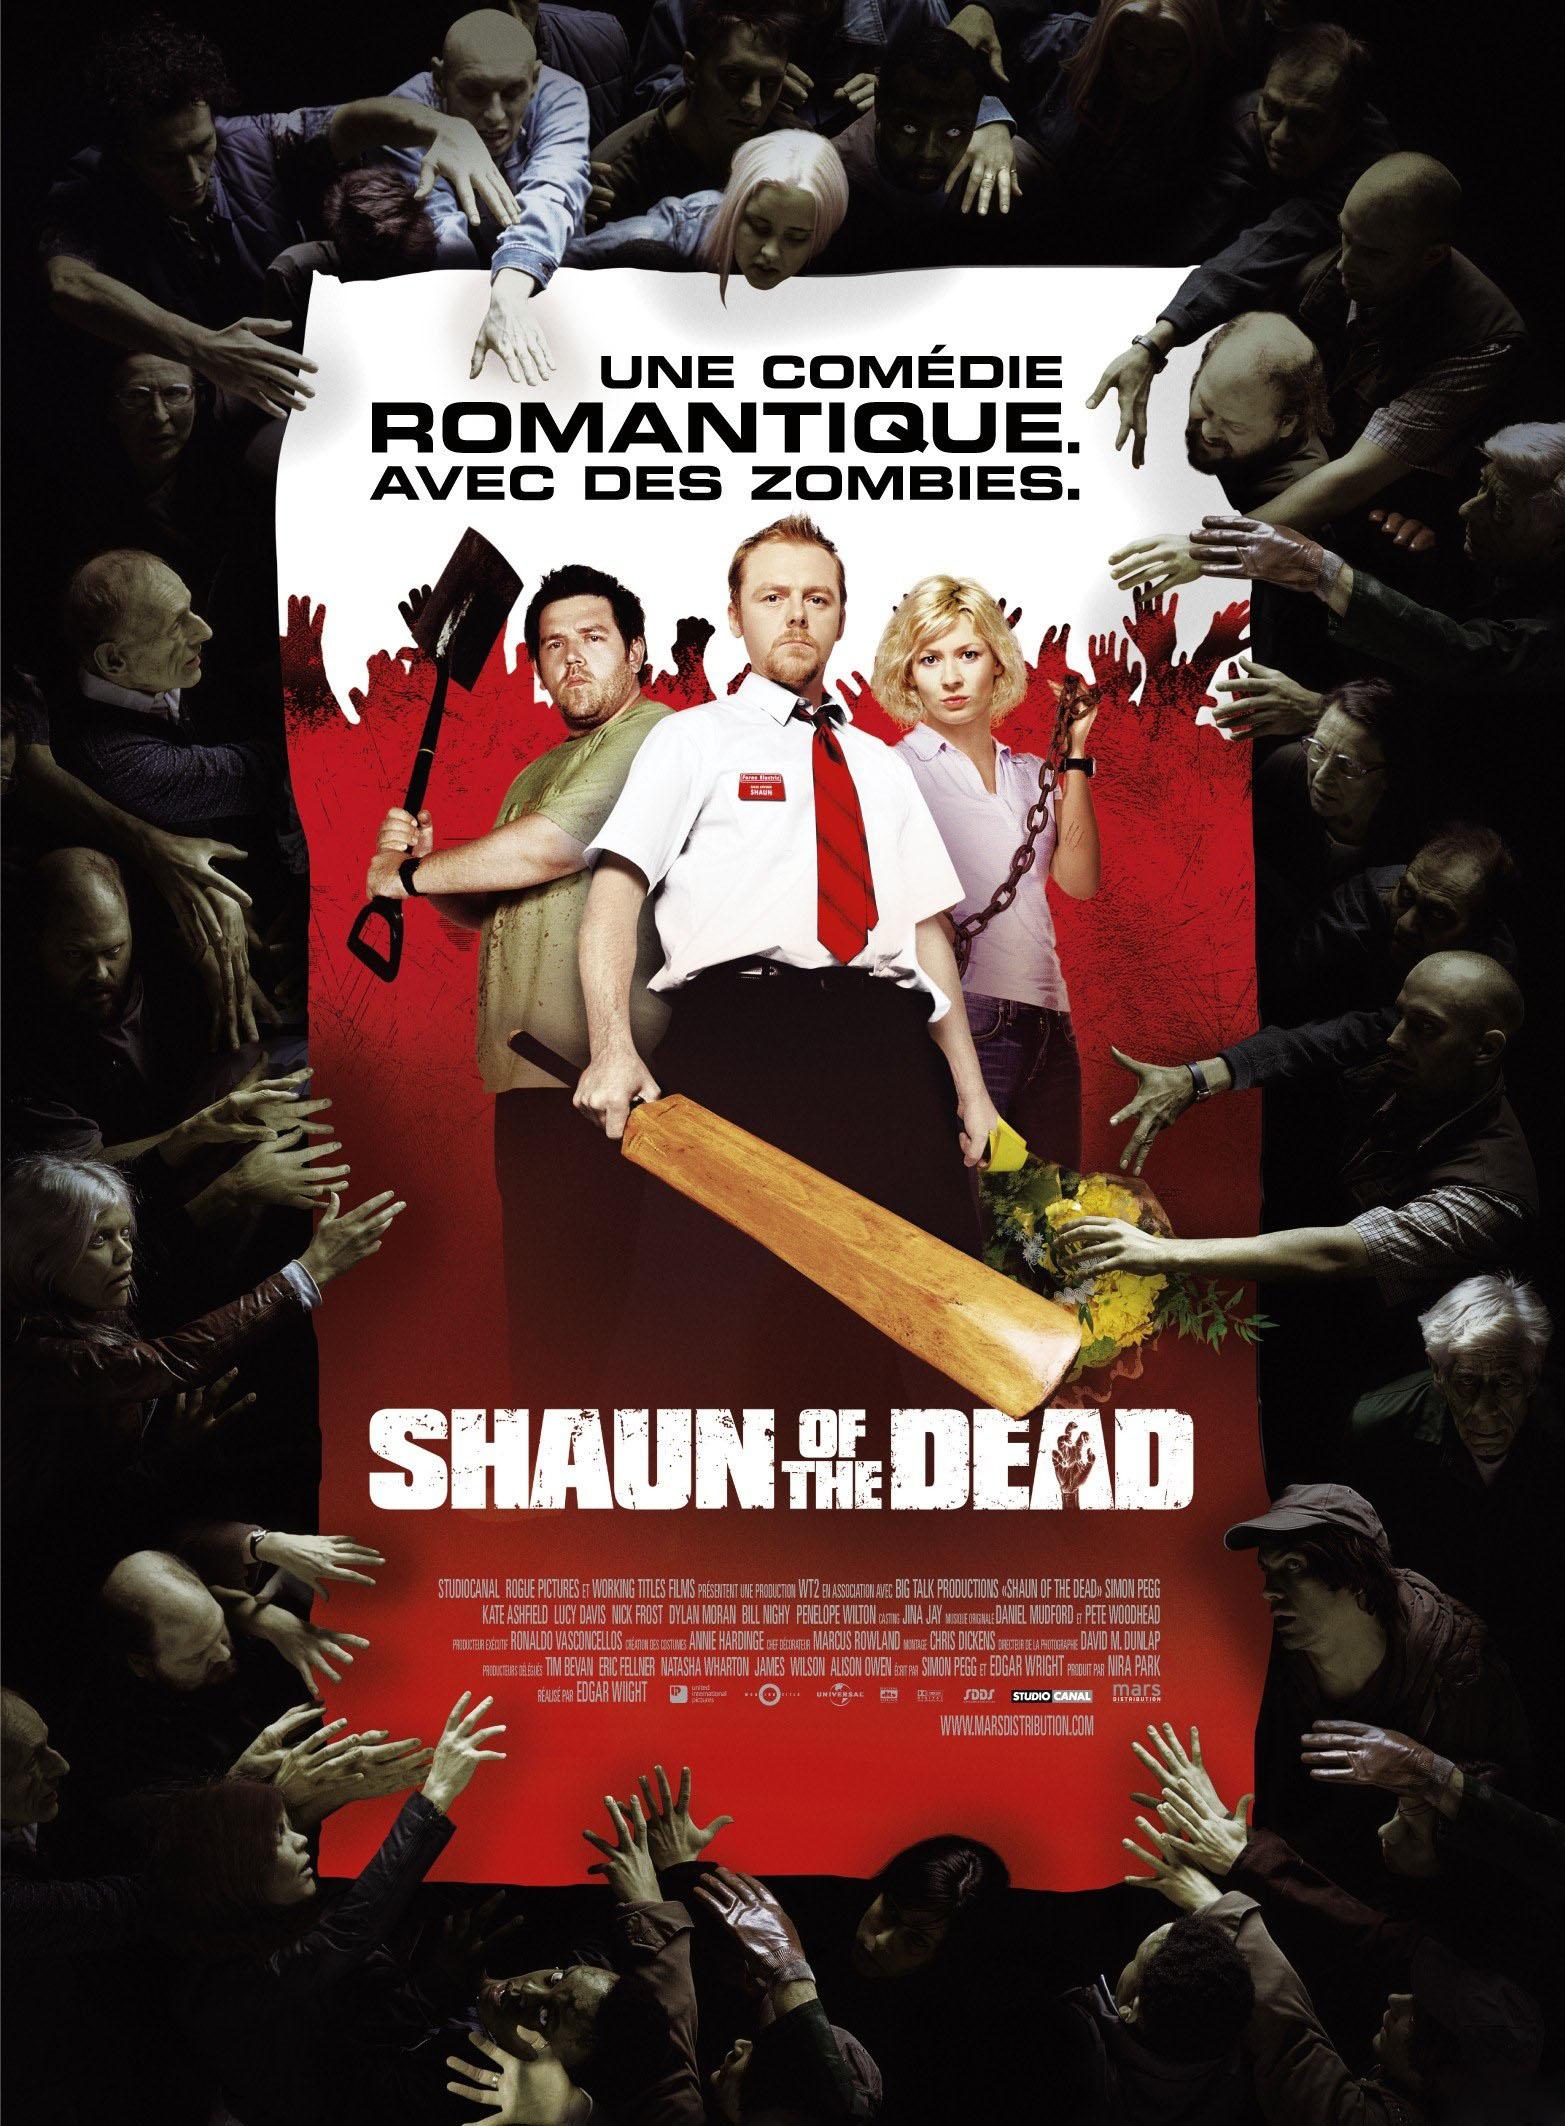 僵尸肖恩shaun of the dead电影